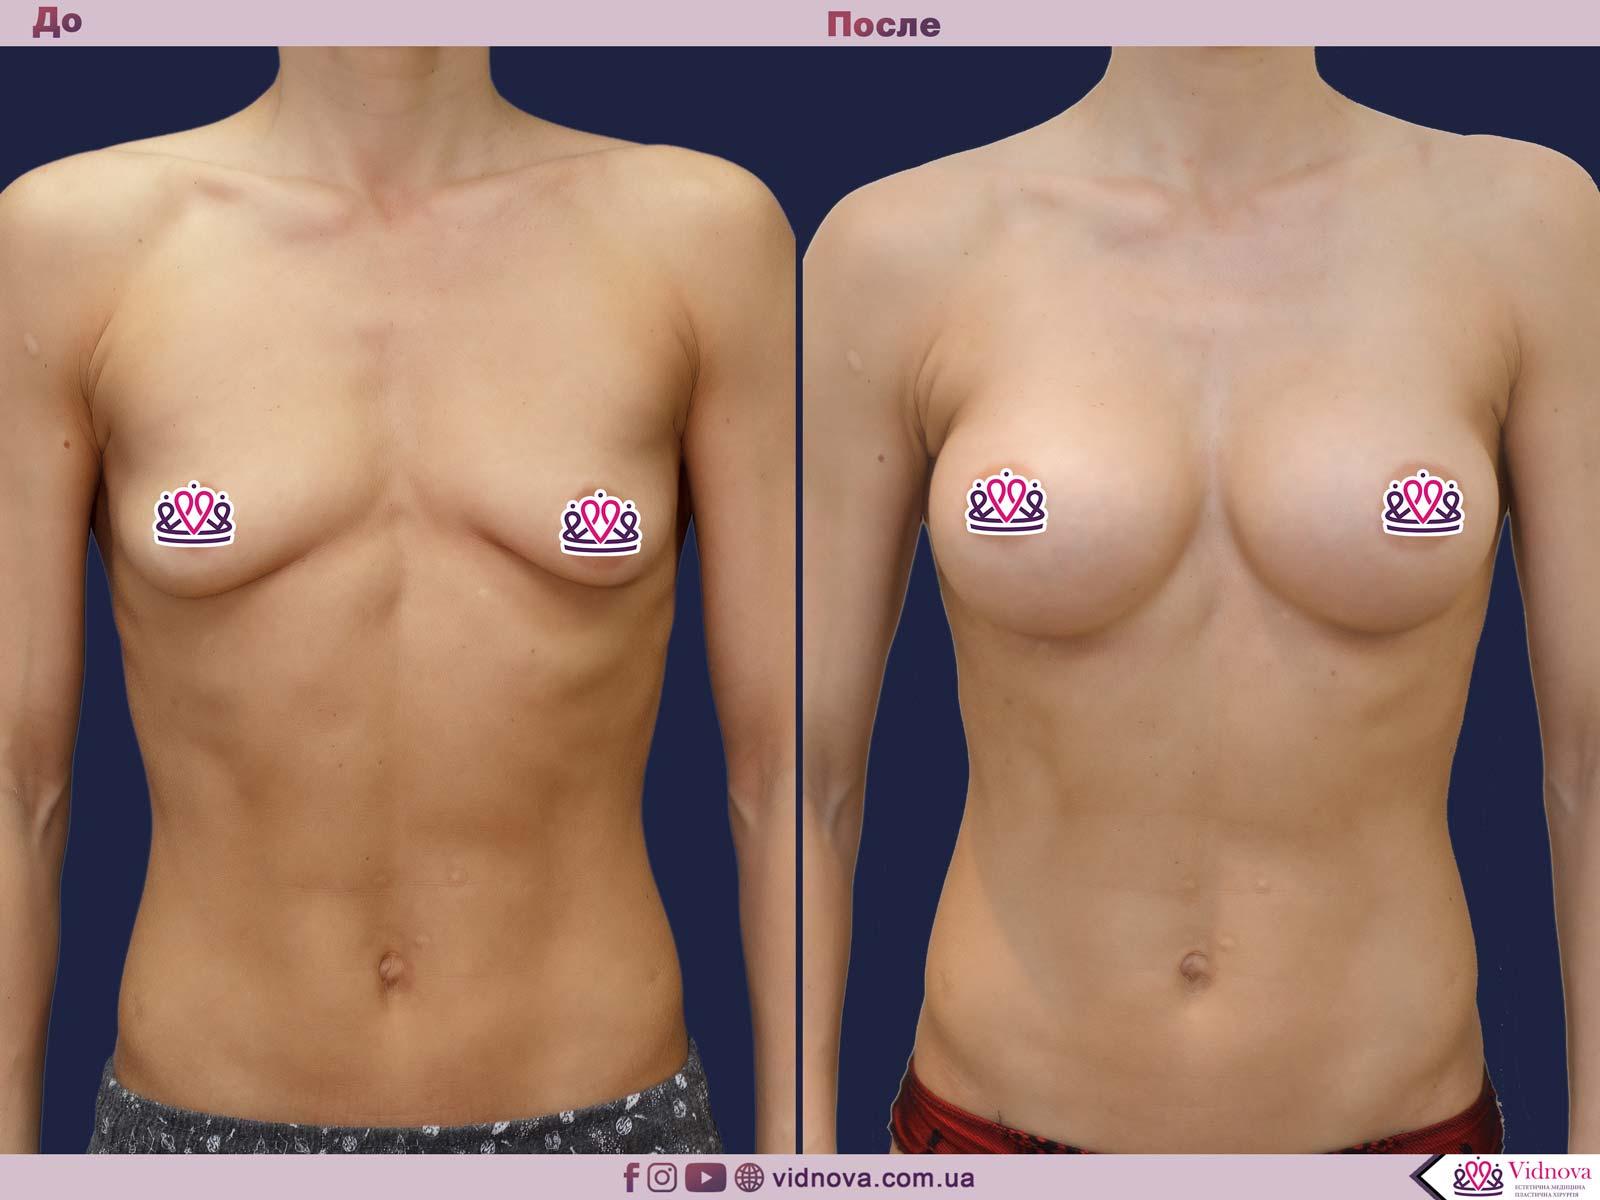 Пластика груди: результаты до и после - Пример №33-0 - Светлана Работенко